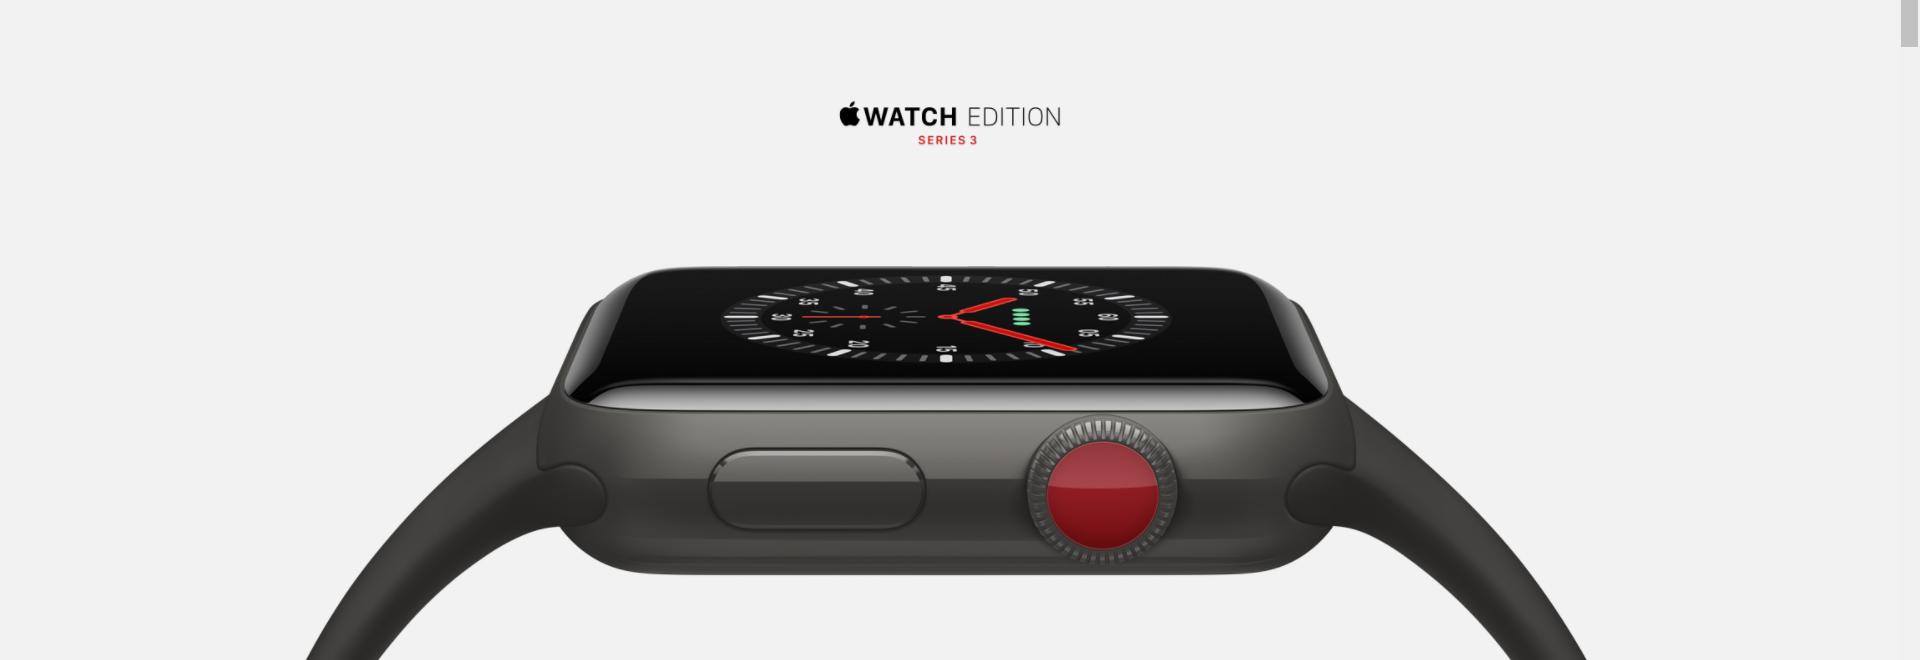 Apple Watch - Apple Watch LTE tân trang chính thức lên kệ